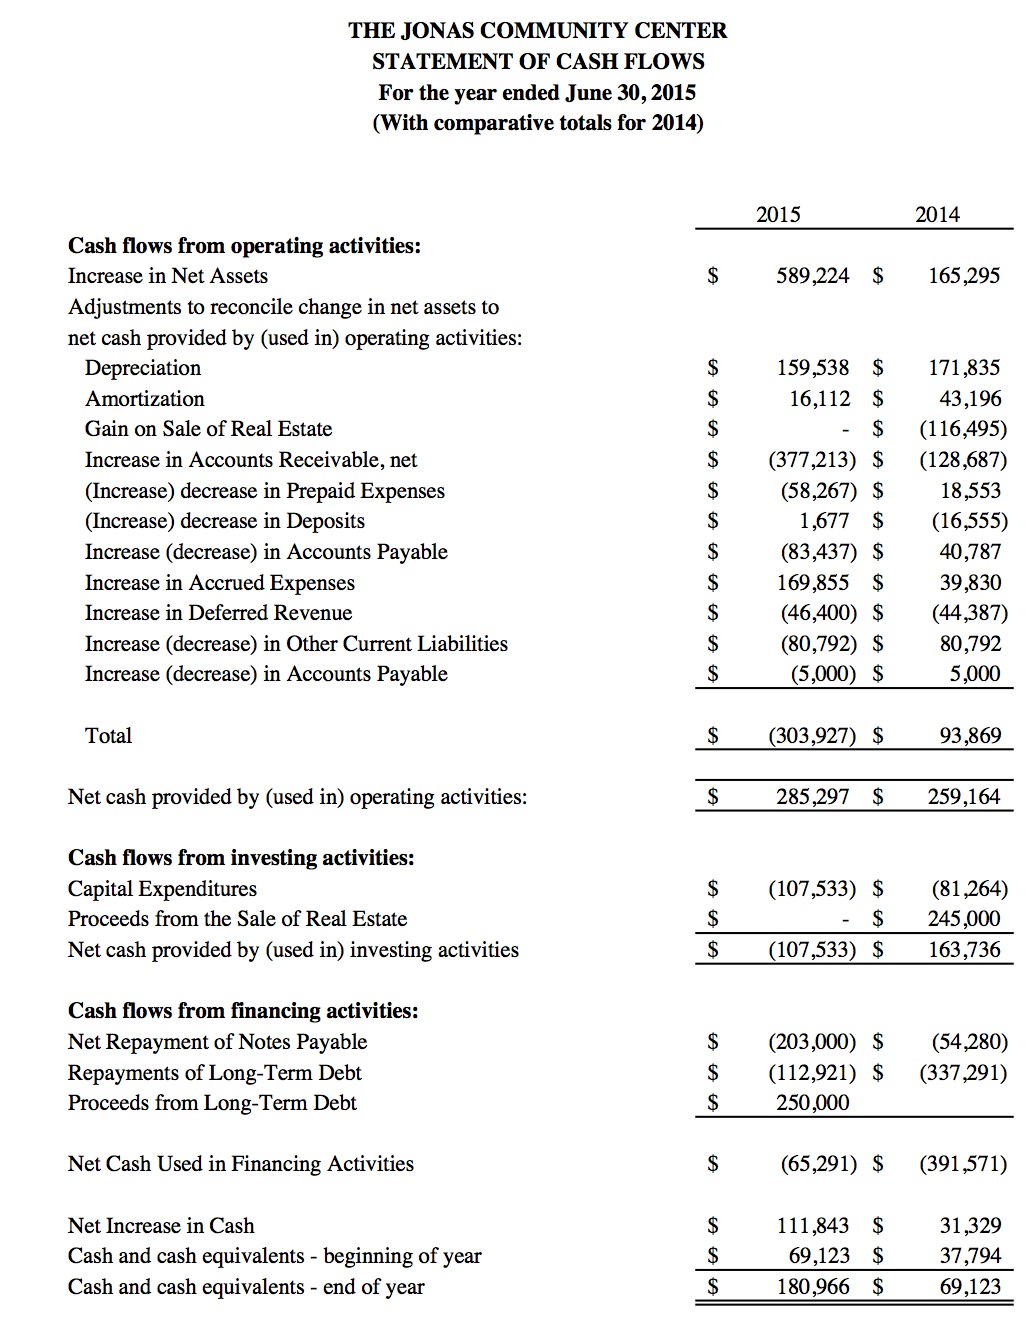 cash flow statements analysis